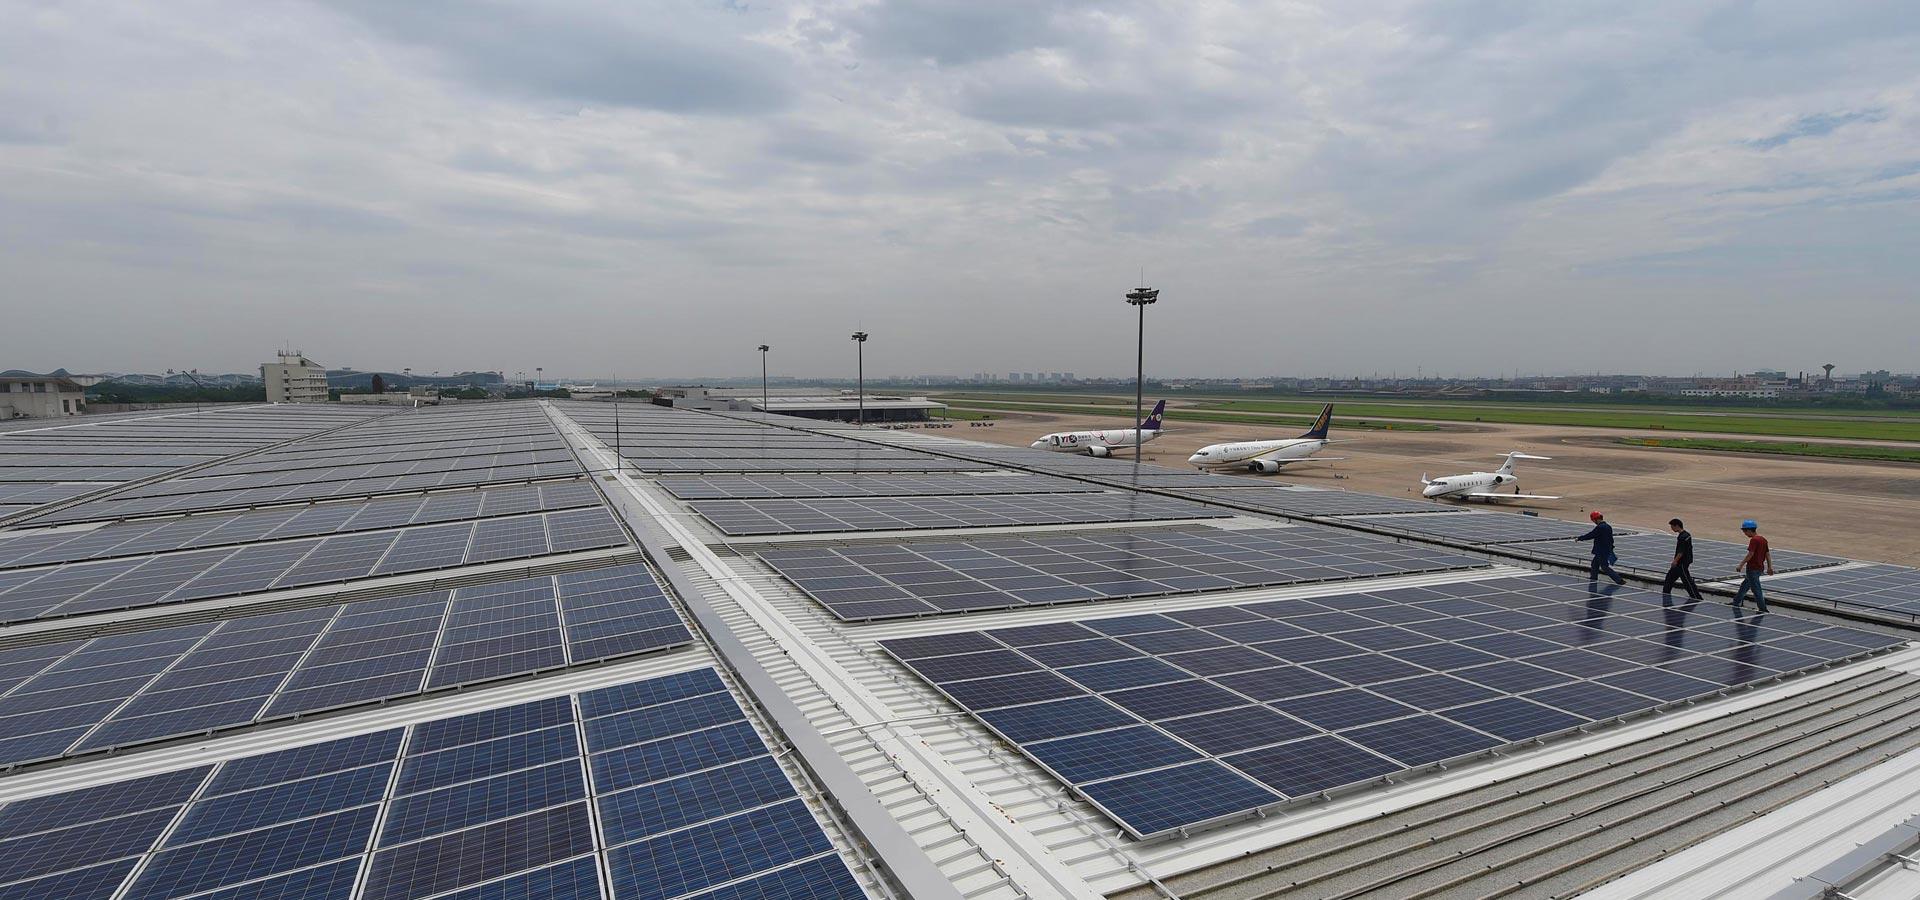 杭州蕭山國際機場光伏項目正式投産運行